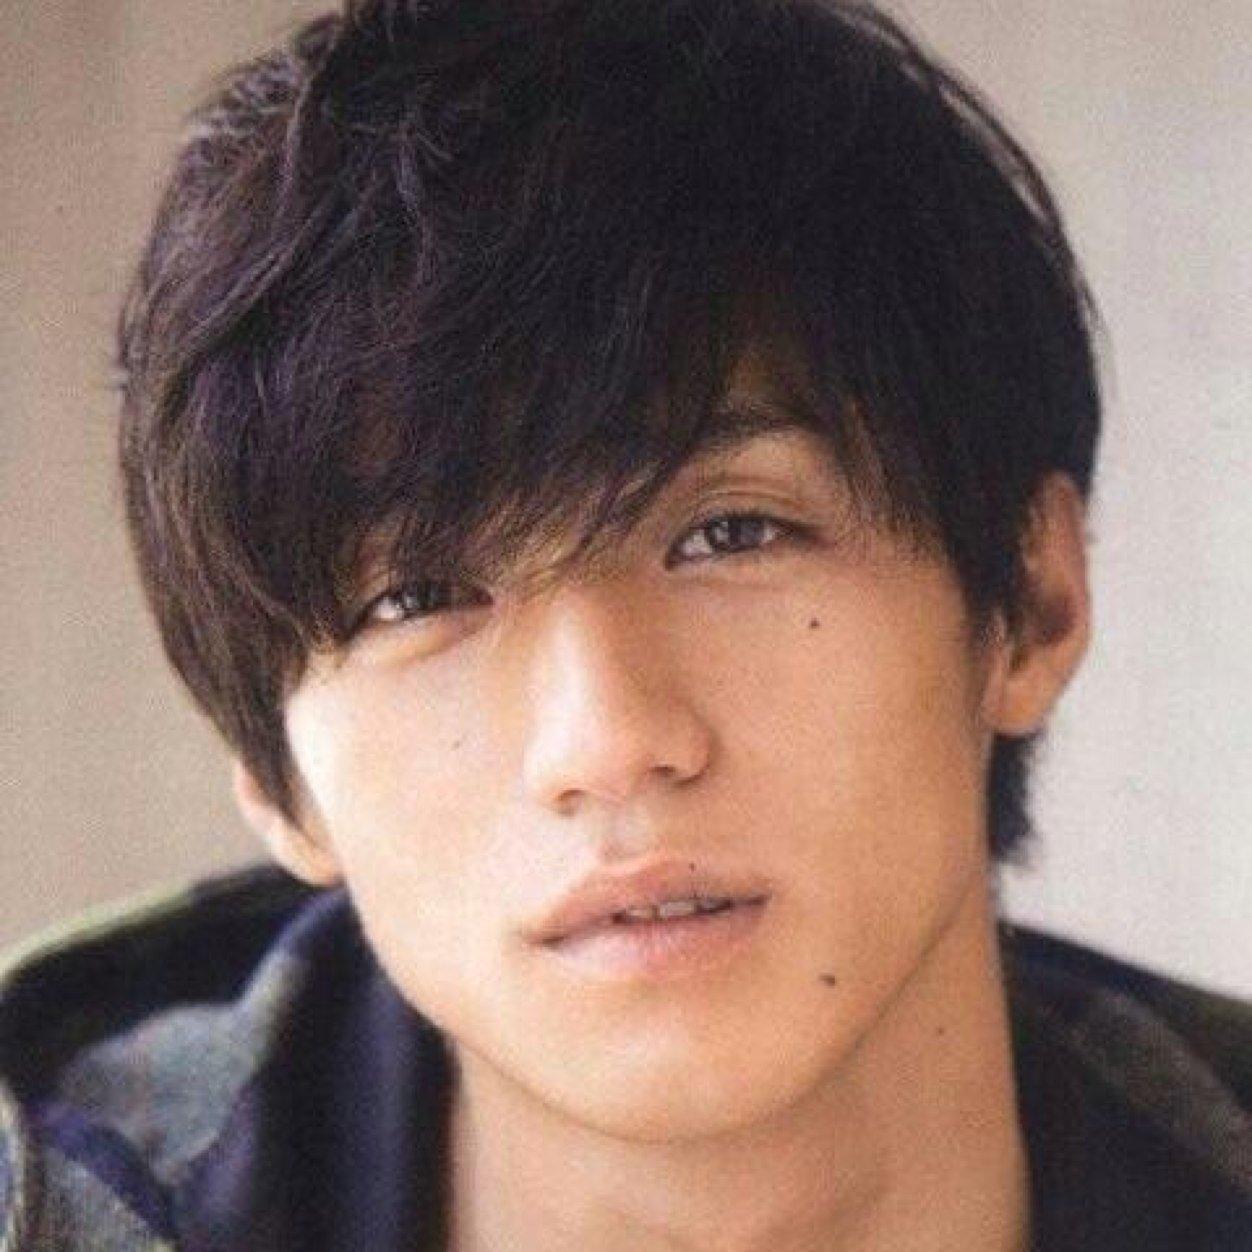 【衝撃】関ジャニ錦戸、スキャンダル連発も新月9ドラマの主演抜てきの事情 タイトルも物議